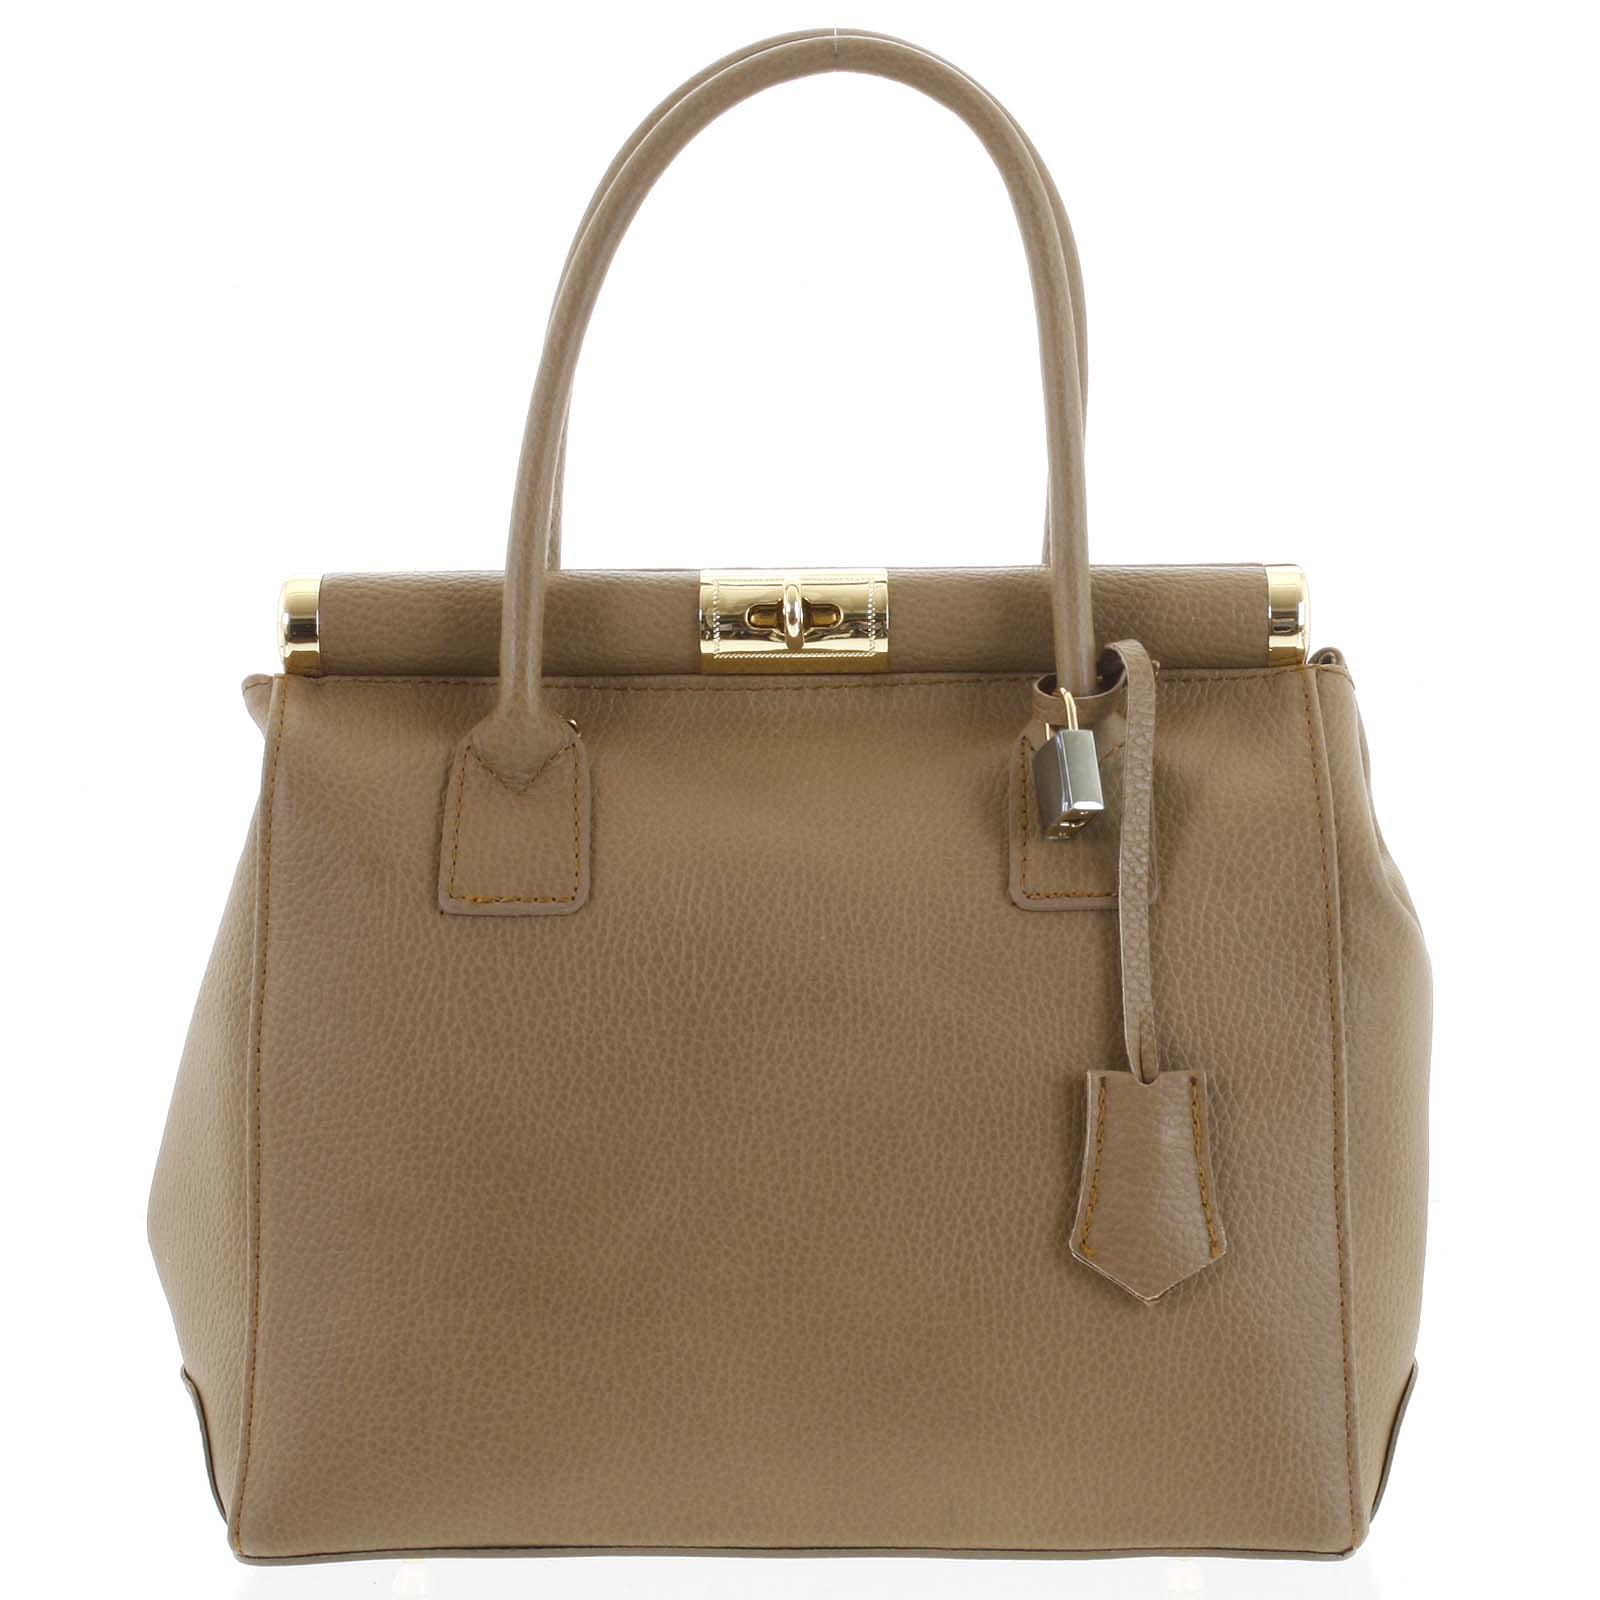 Luxusná dámska kožená kabelka do ruky béžová - ItalY Hyla béžová